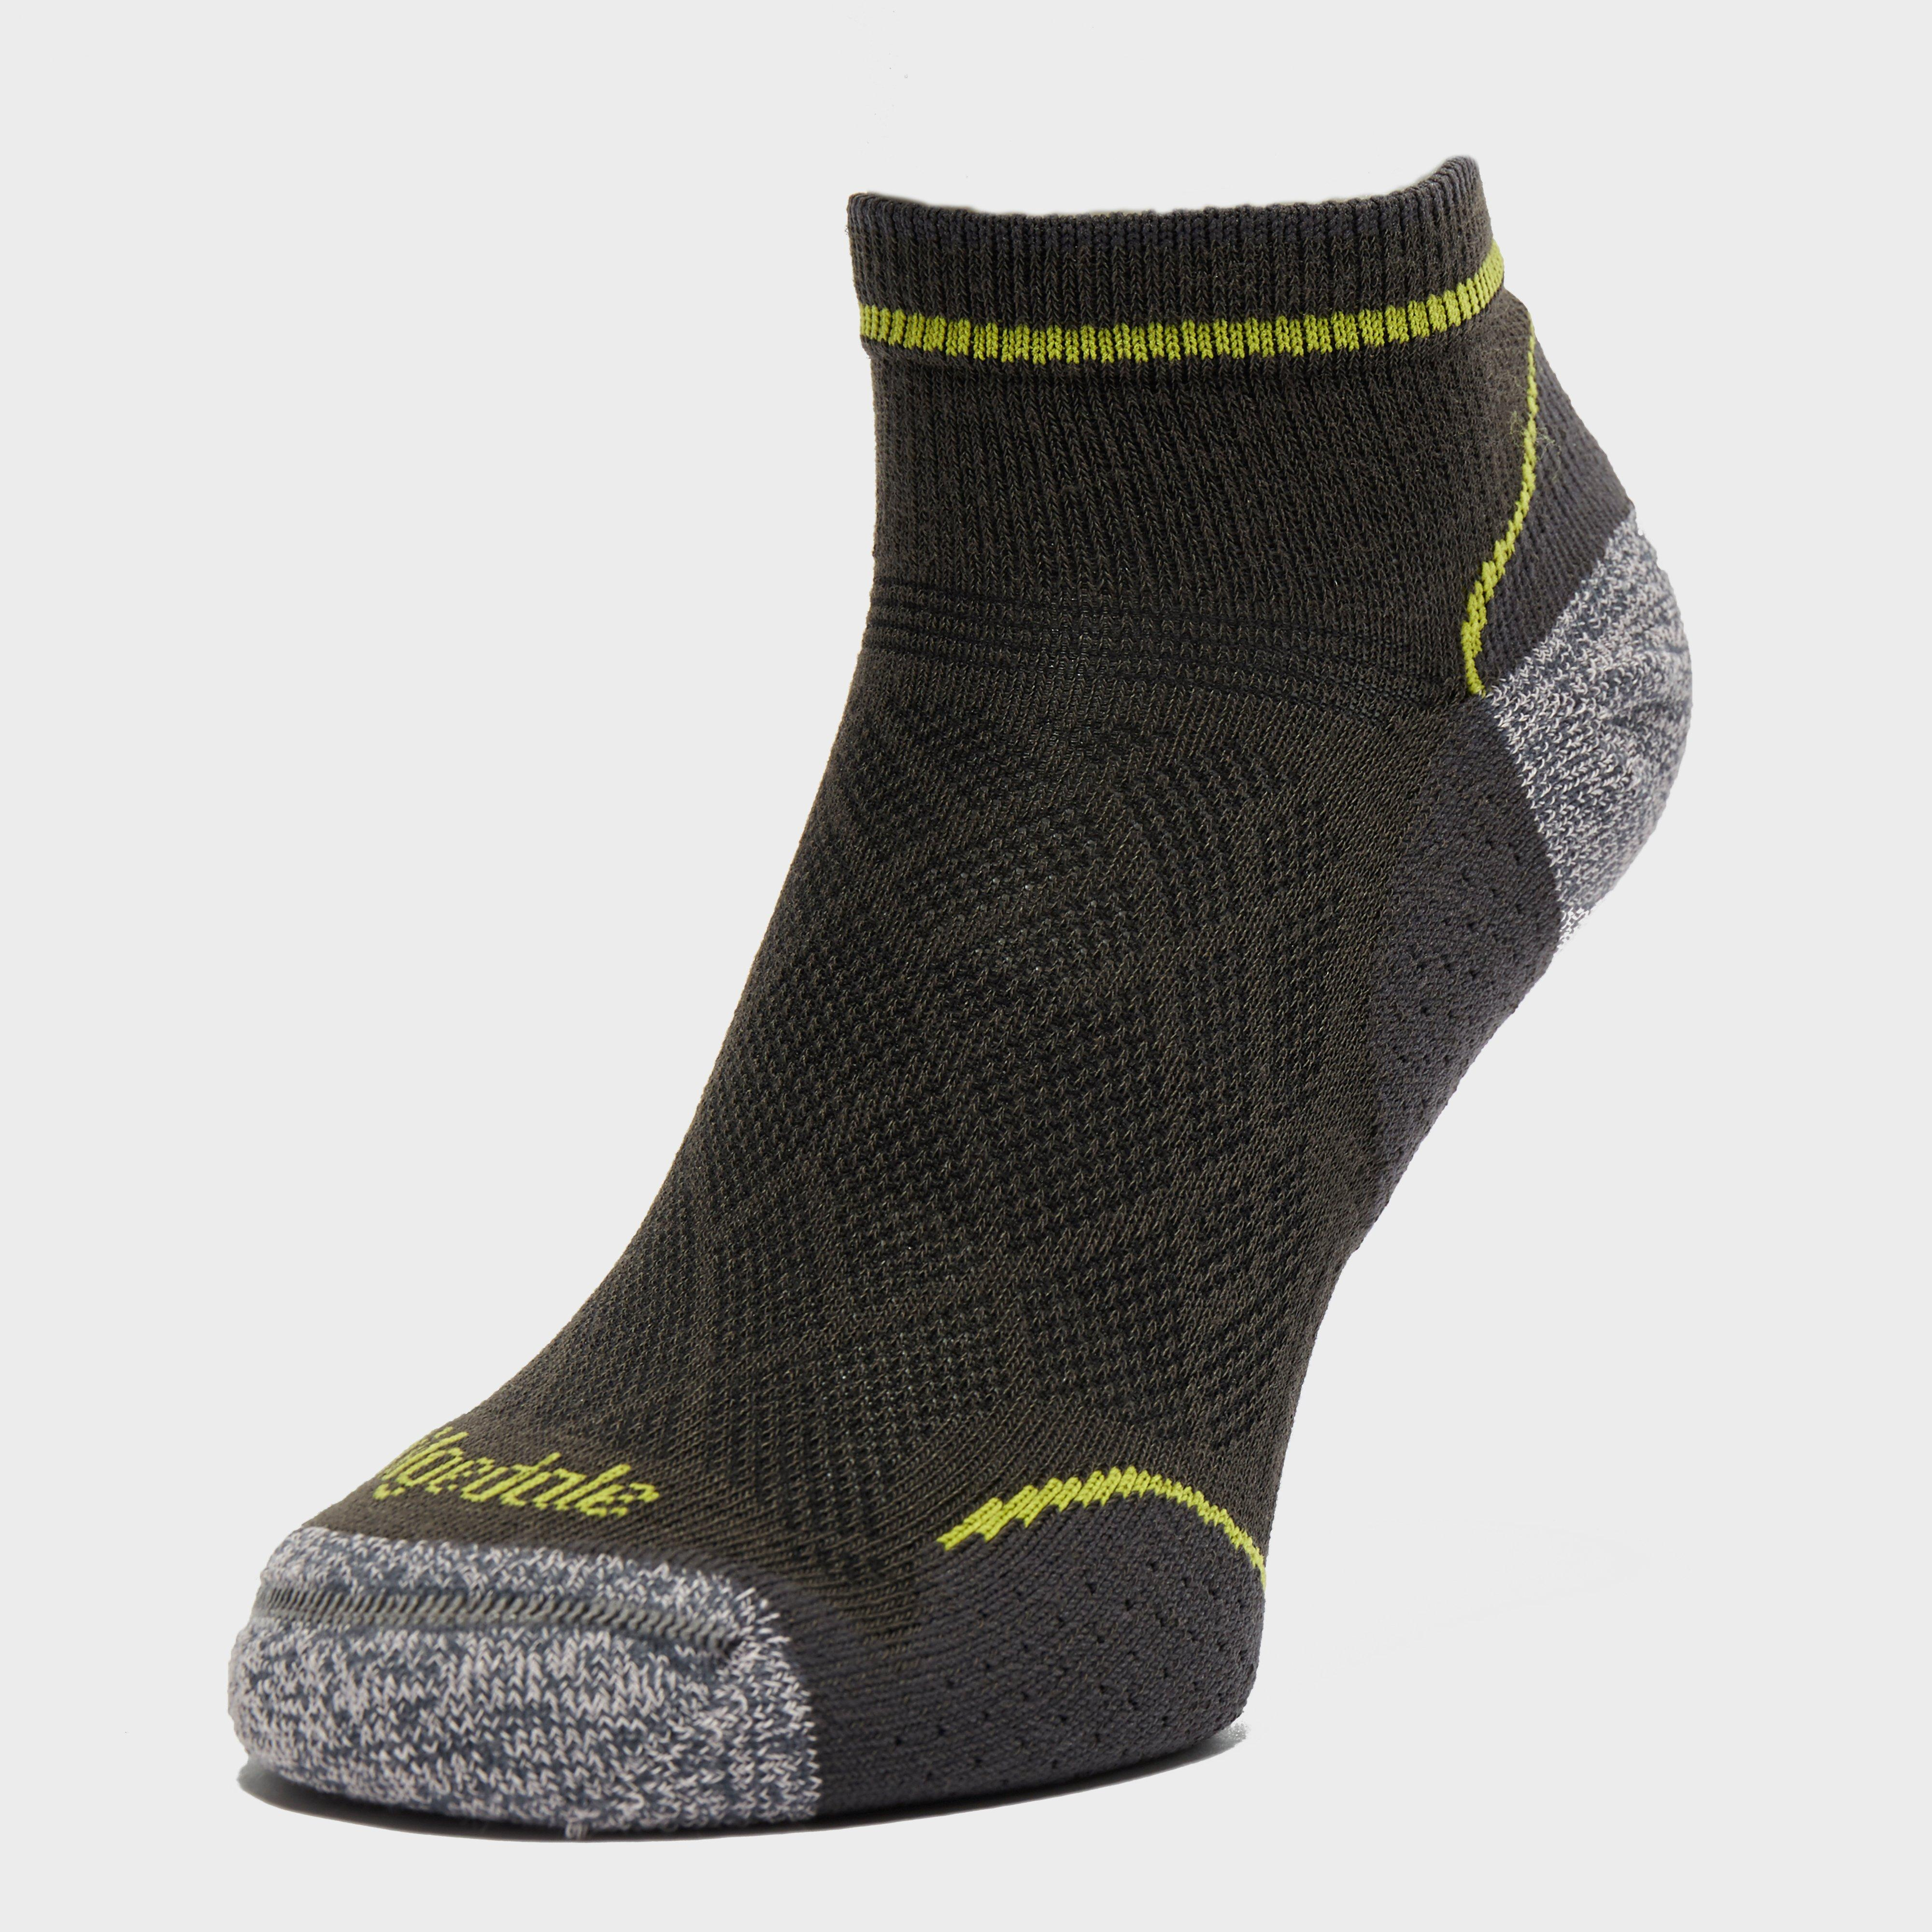 Bridgedale Bridgedale Mens Hike Ultra Light Socks - Multi, Multi